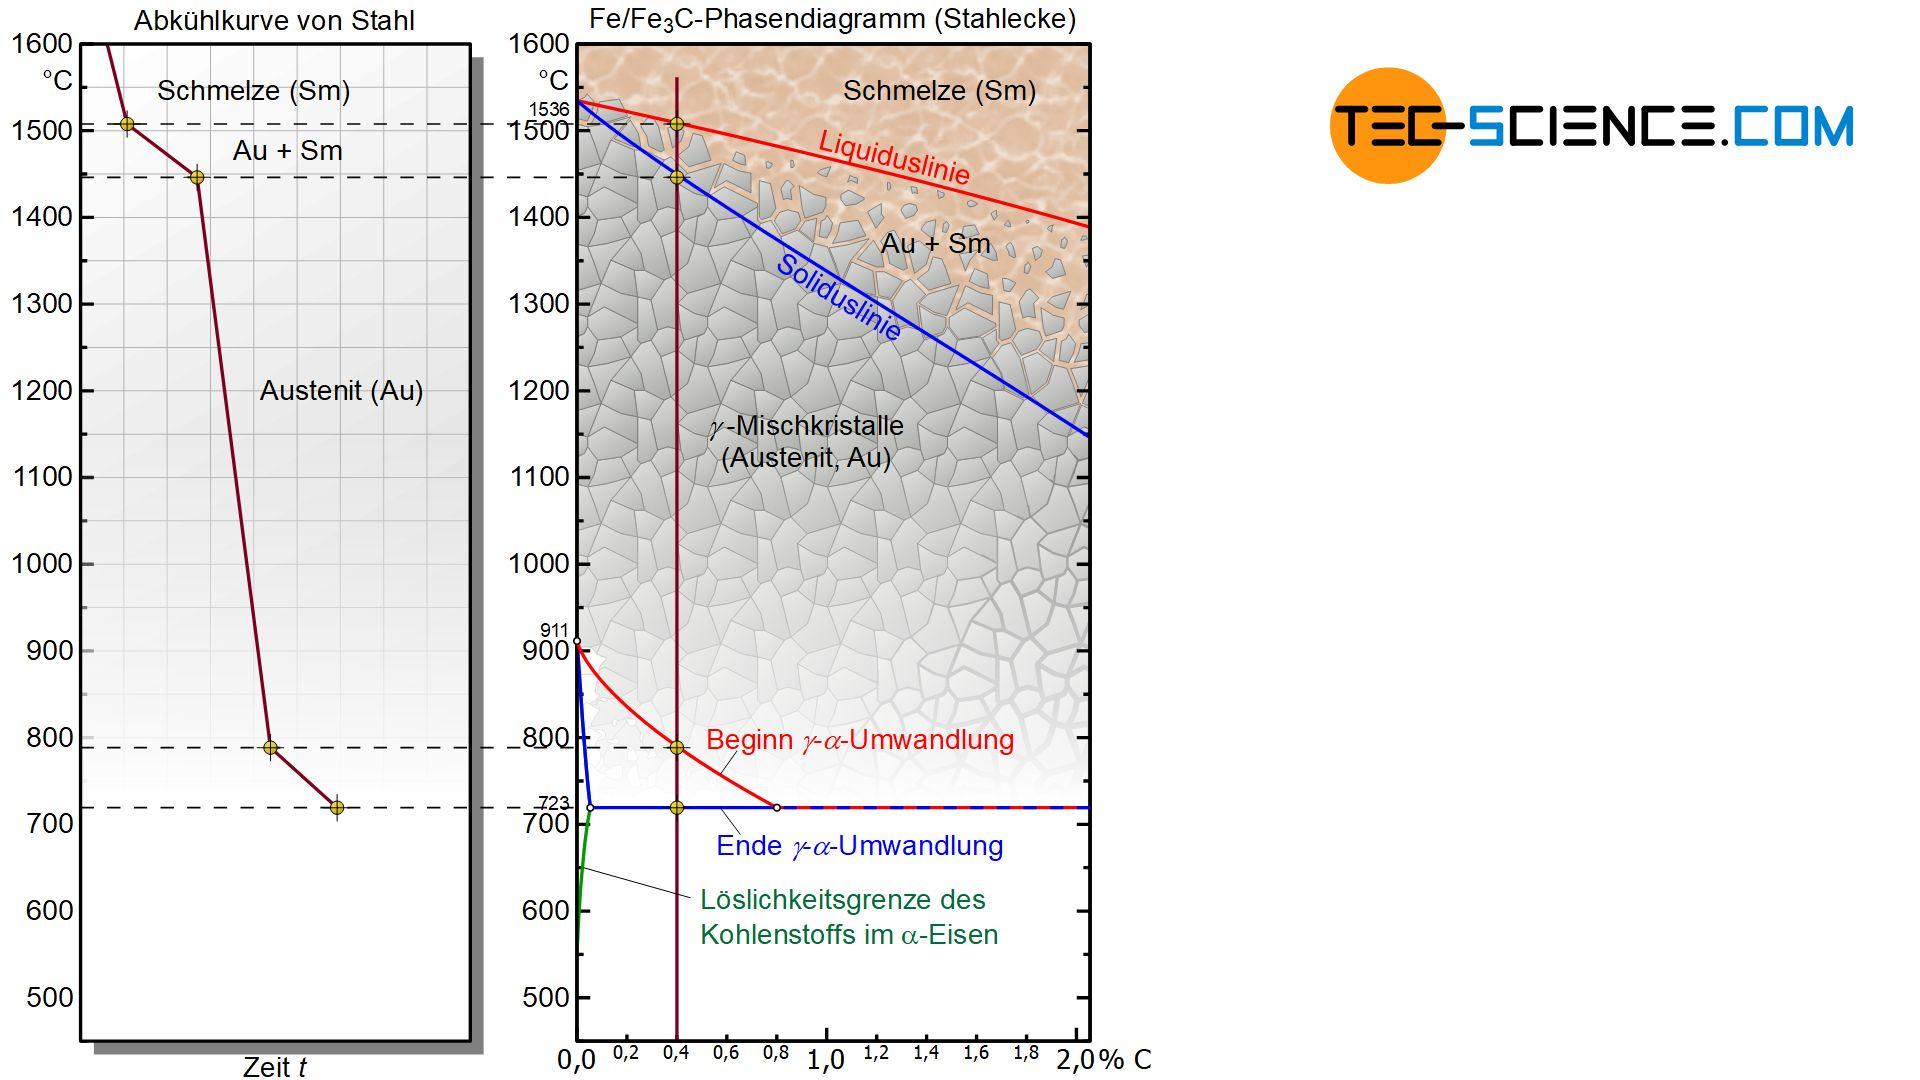 Umwandlungslinien im Eisen-Kohlenstoff-Diagramm (Stahlecke)